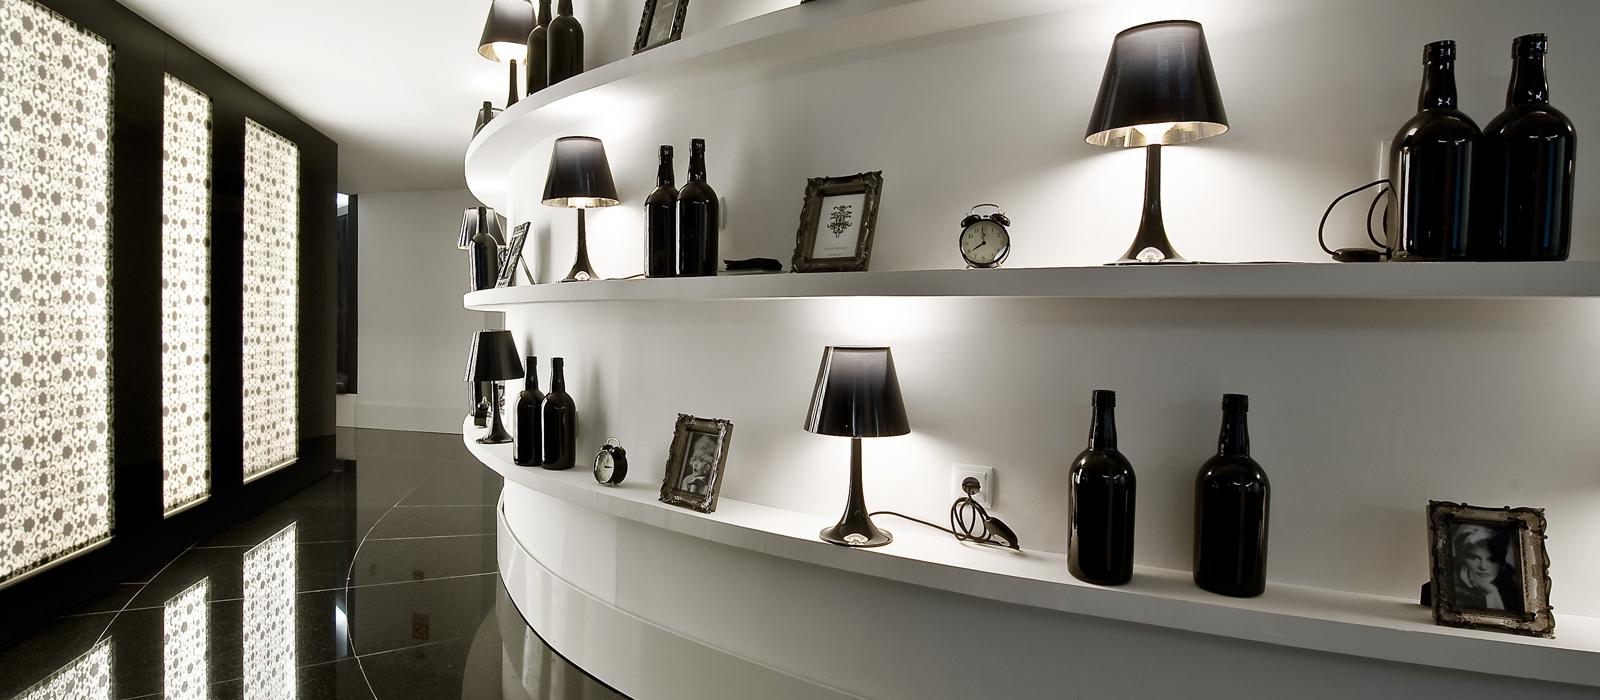 Offres Via 66 Hôtel Vincci Madrid - Réservez maintenant! 5%